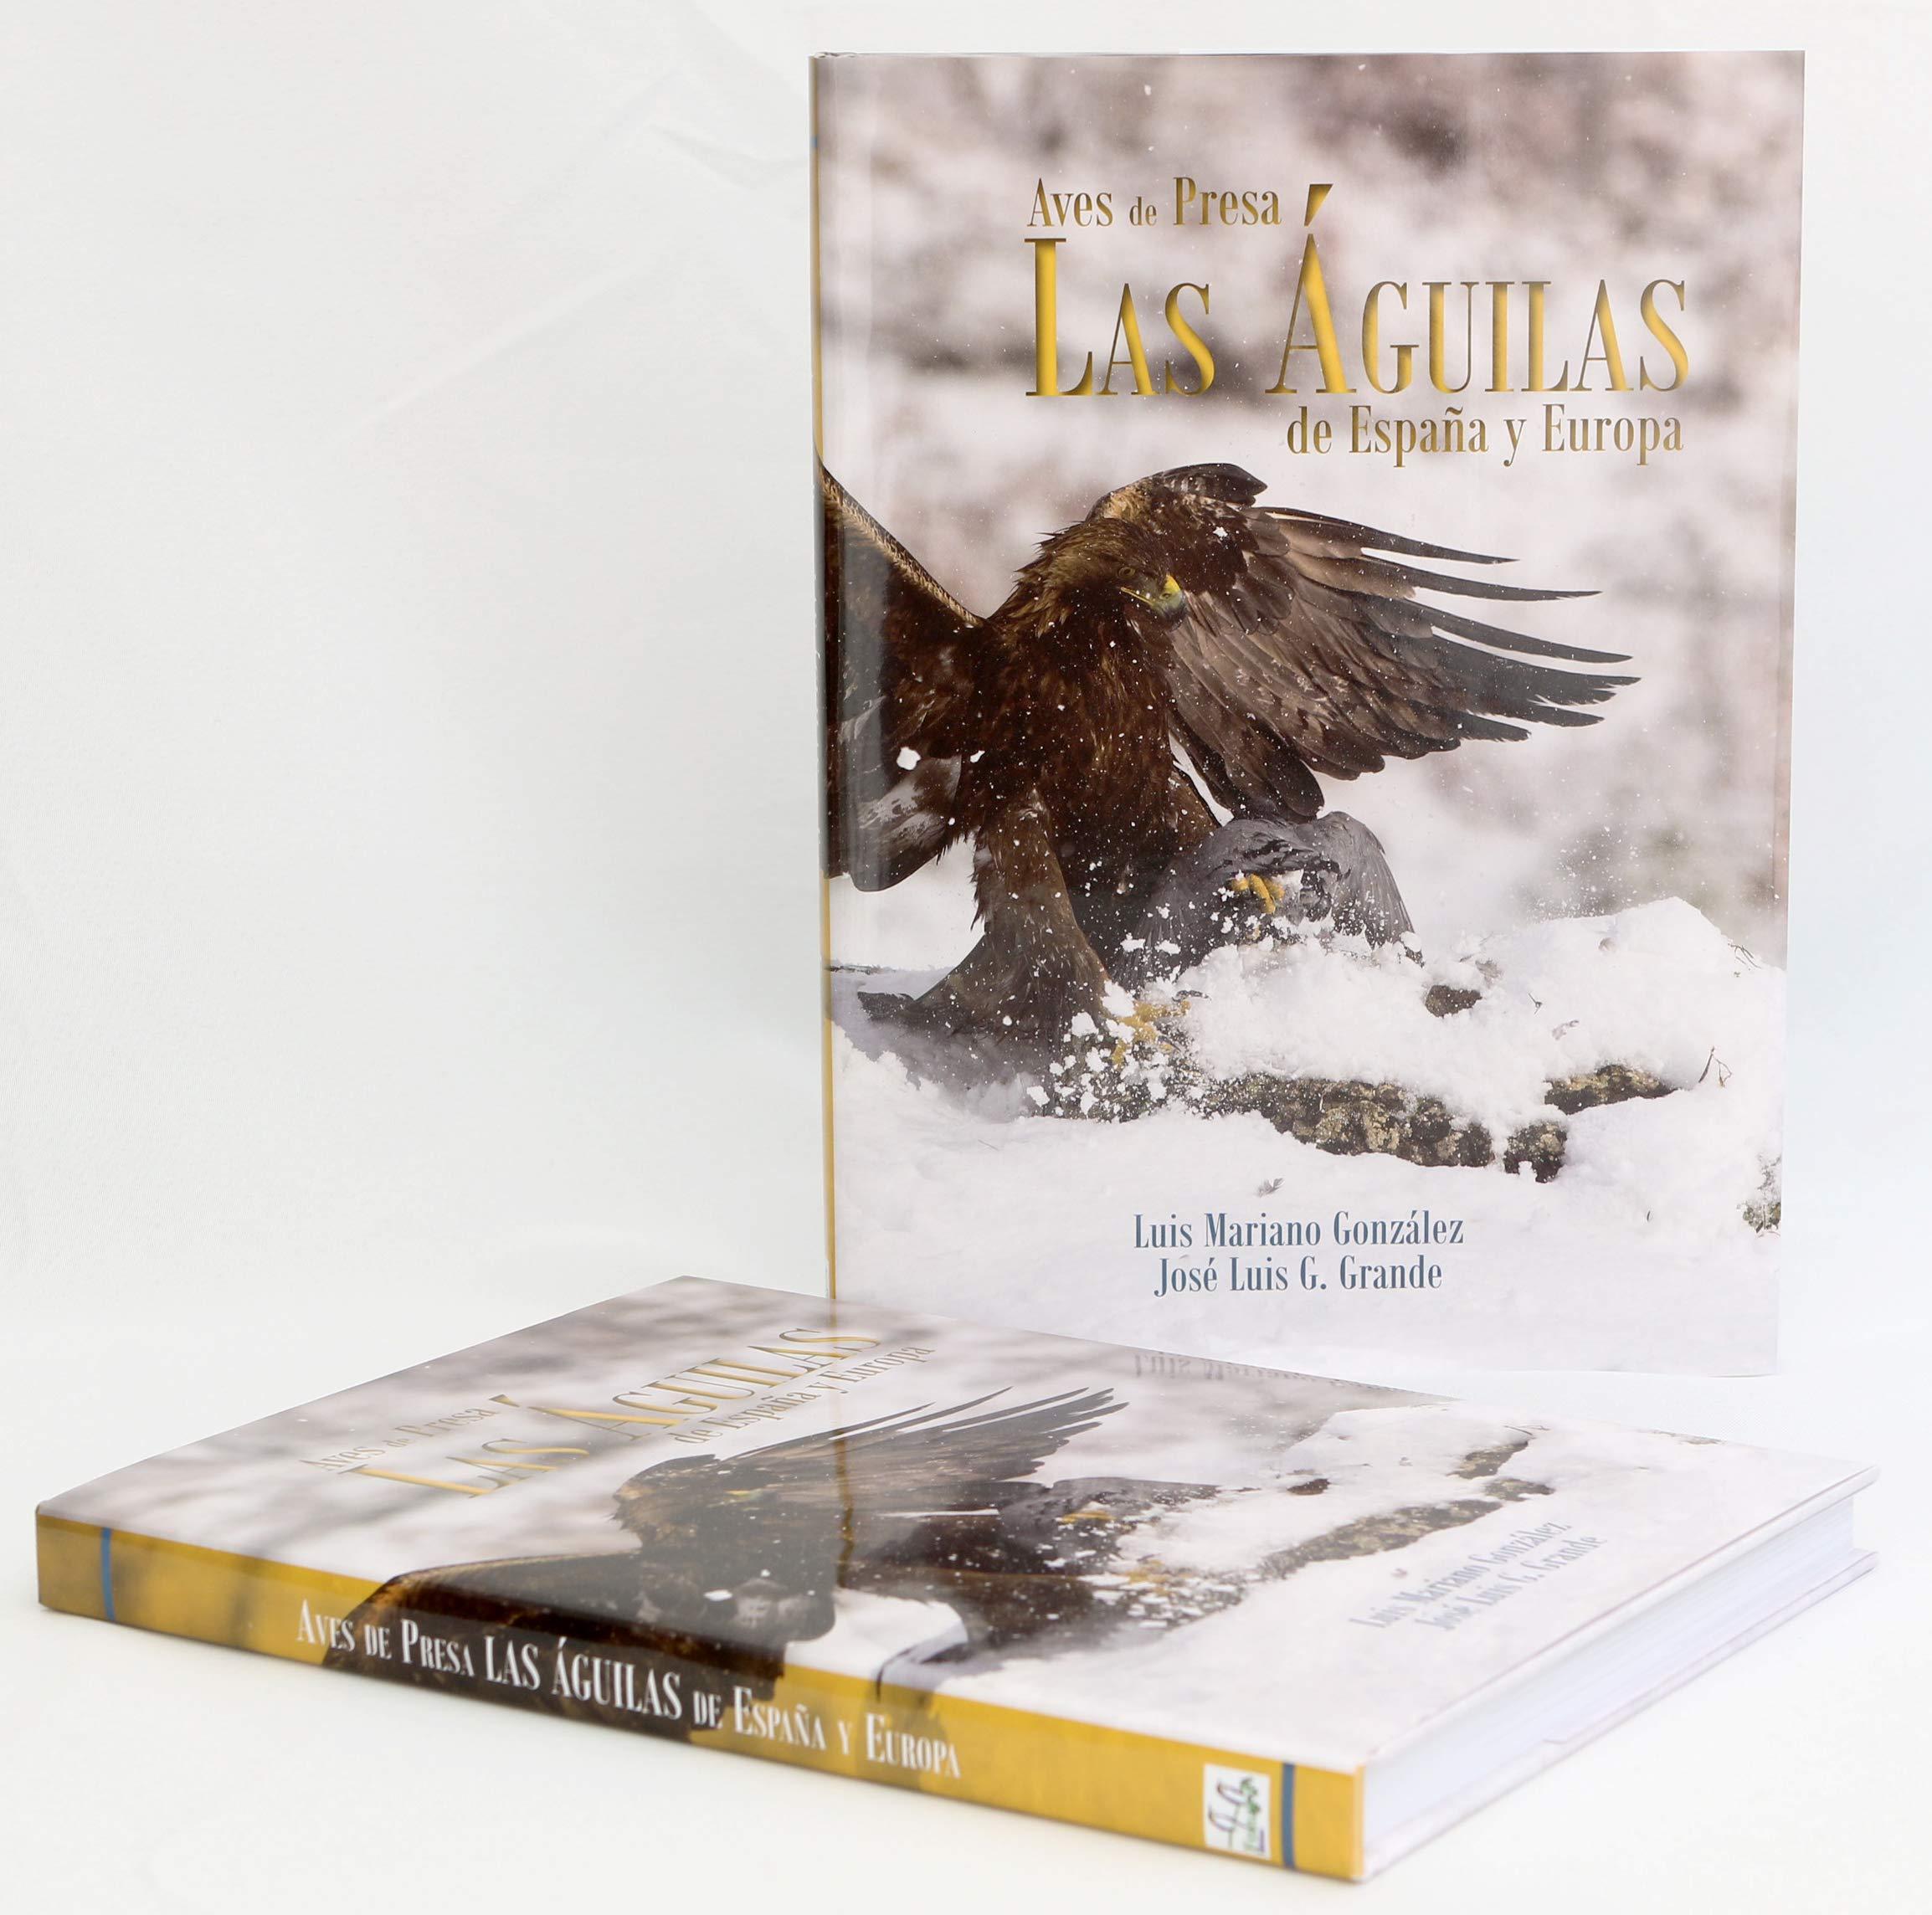 Aves de Presa, Las Águilas de España y Europa: Amazon.es: Luis Mariano González; José Luis G. Grande, Varios colaboradores, Varios fotógrafos: Libros